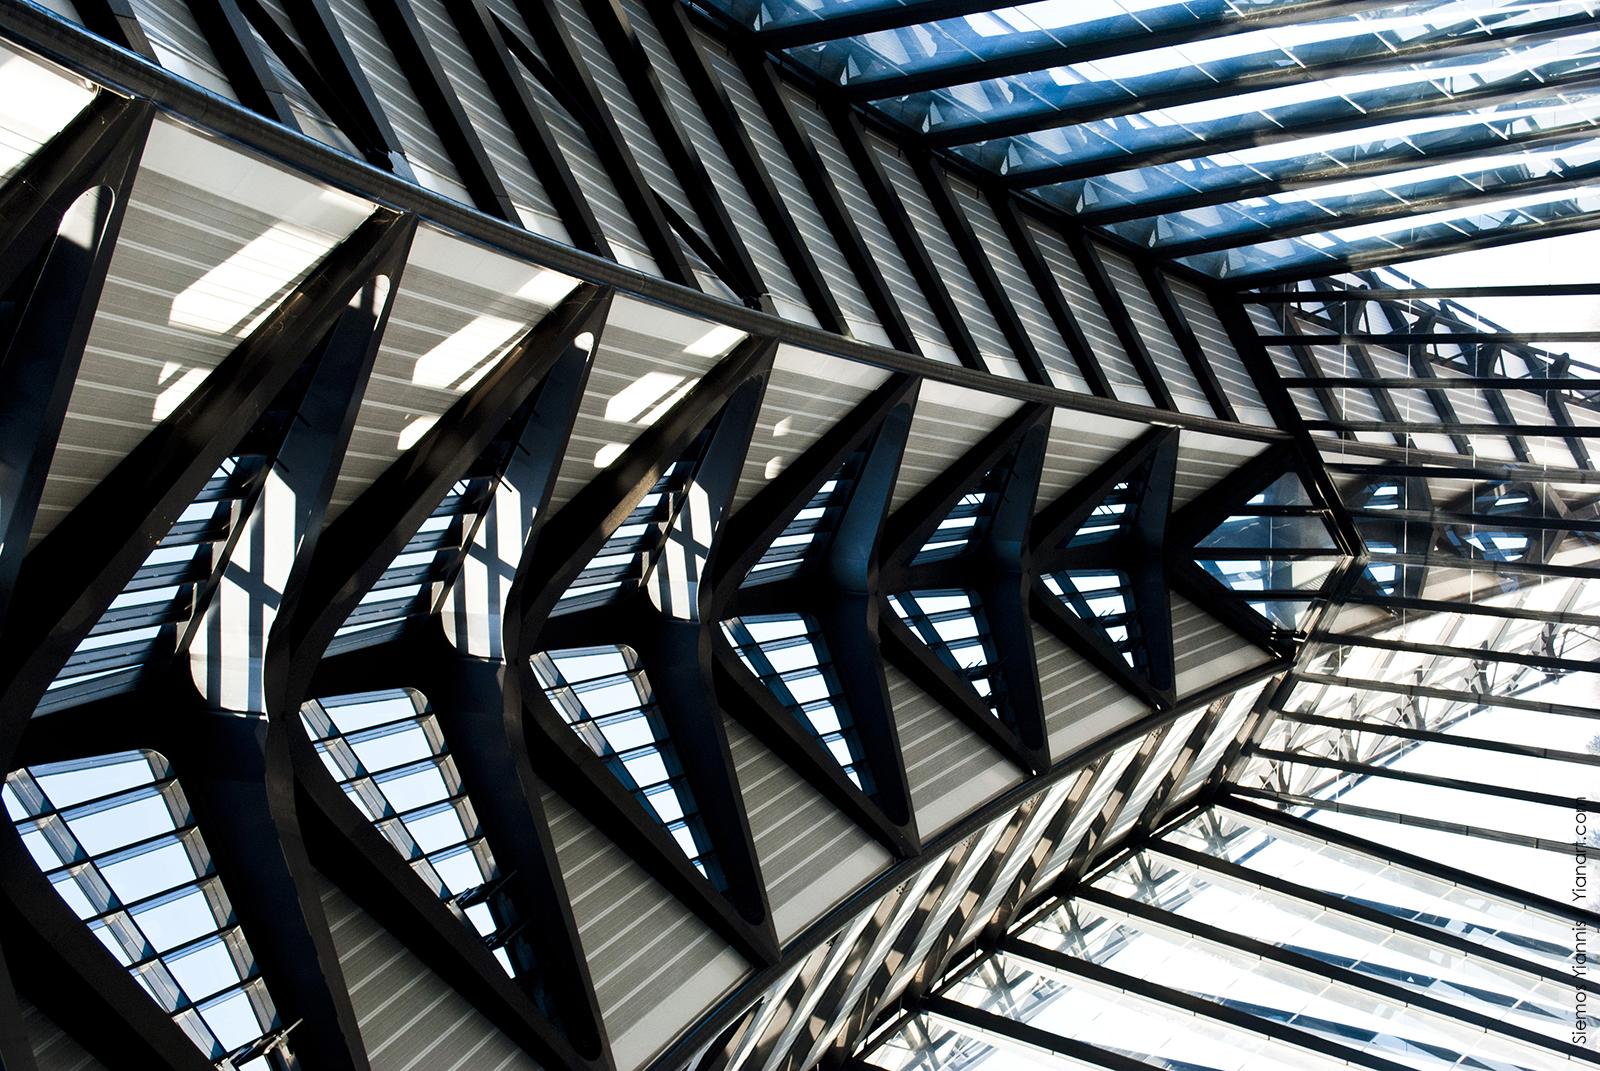 Lyon_station_Yianart